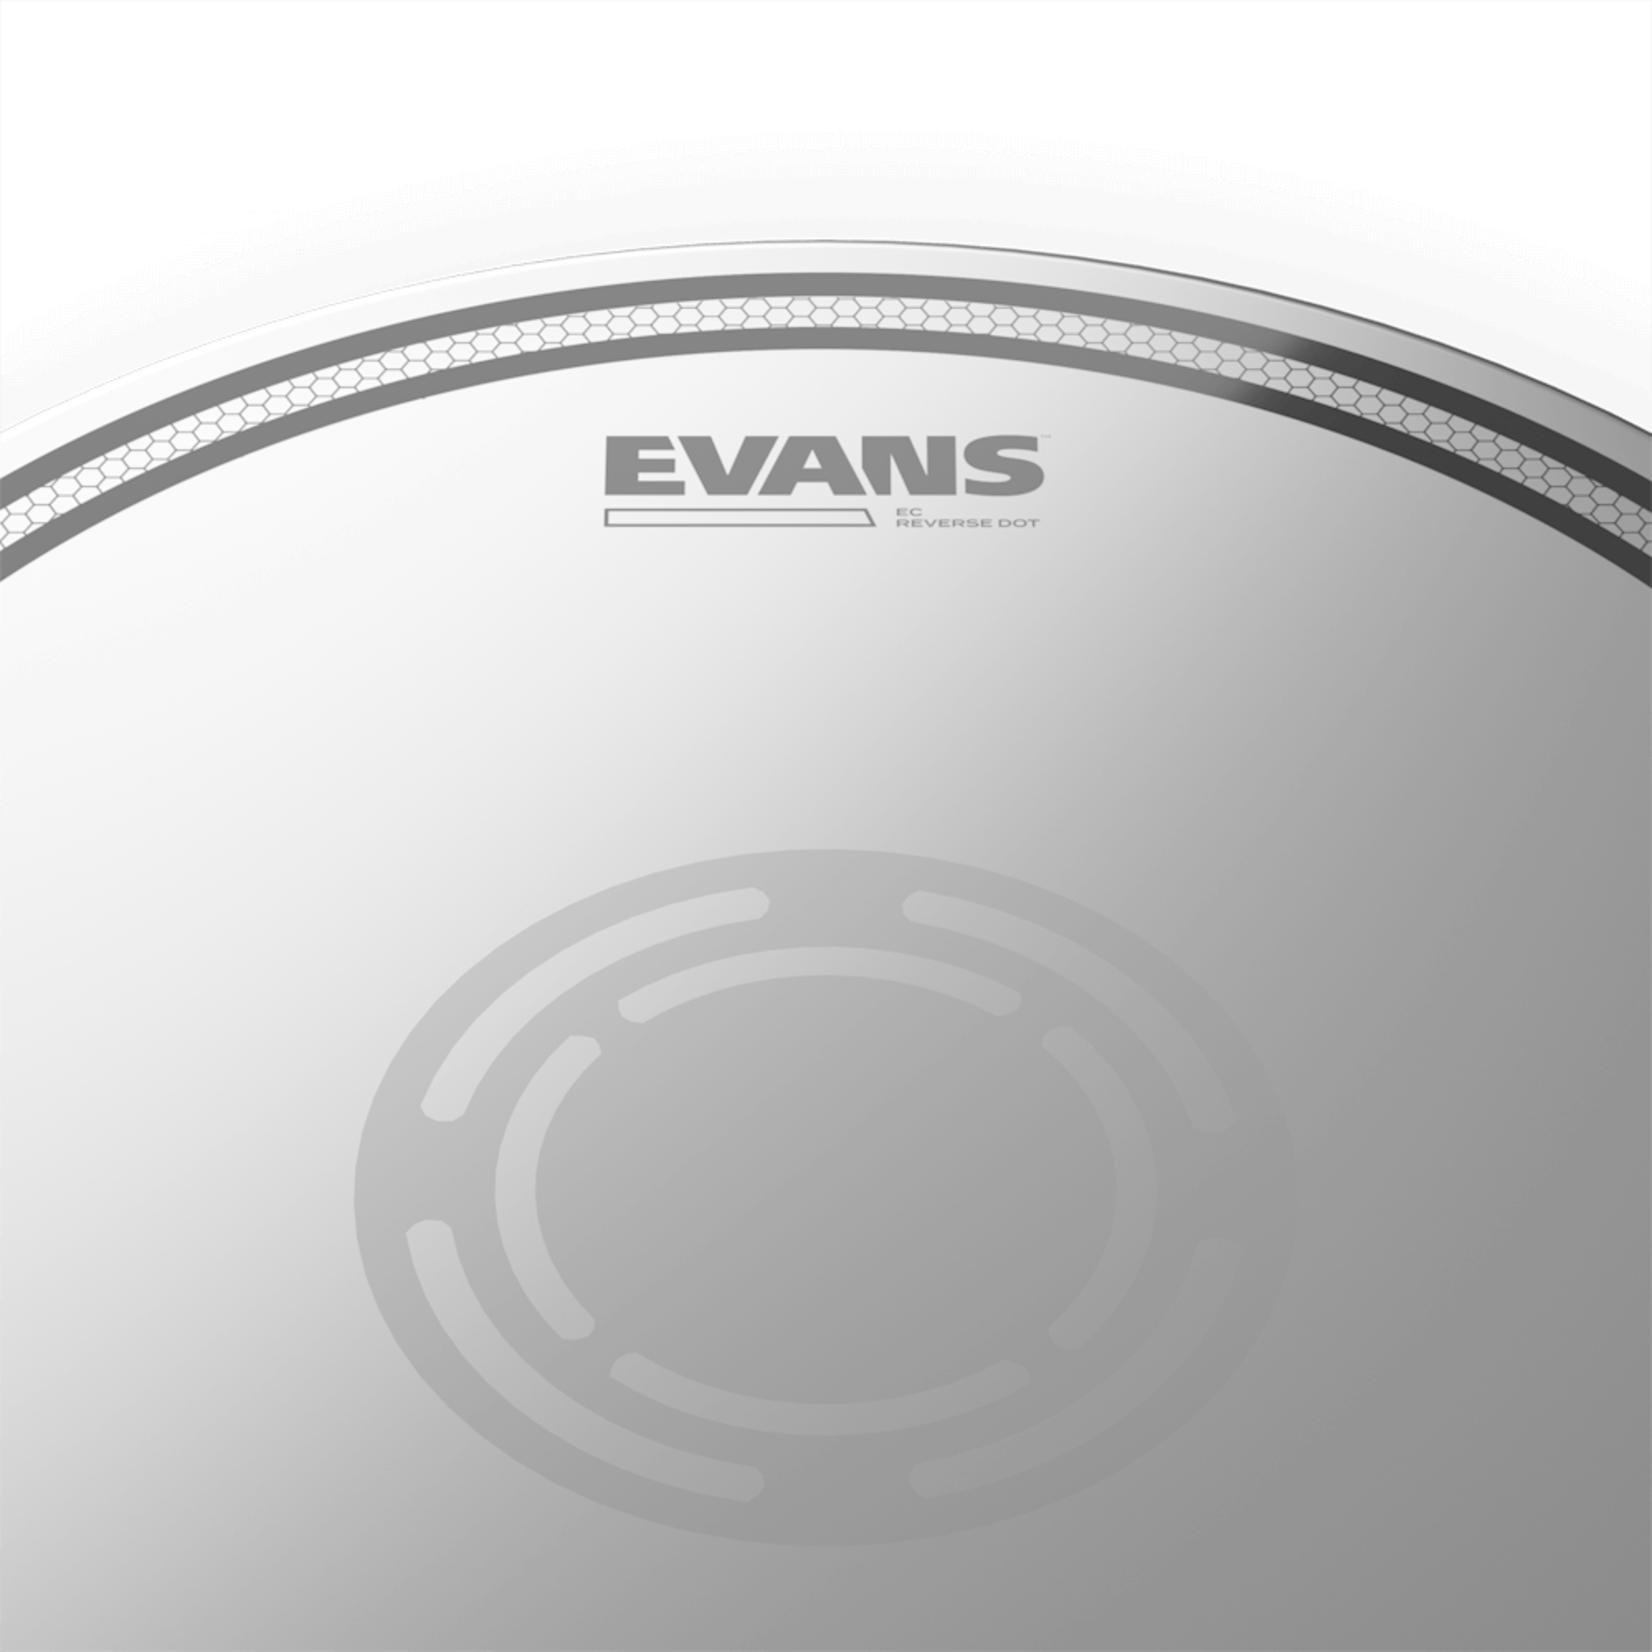 """Evans EVANS 14"""" ECS SNARE W/ REVERSE DOT B14ECSRD"""